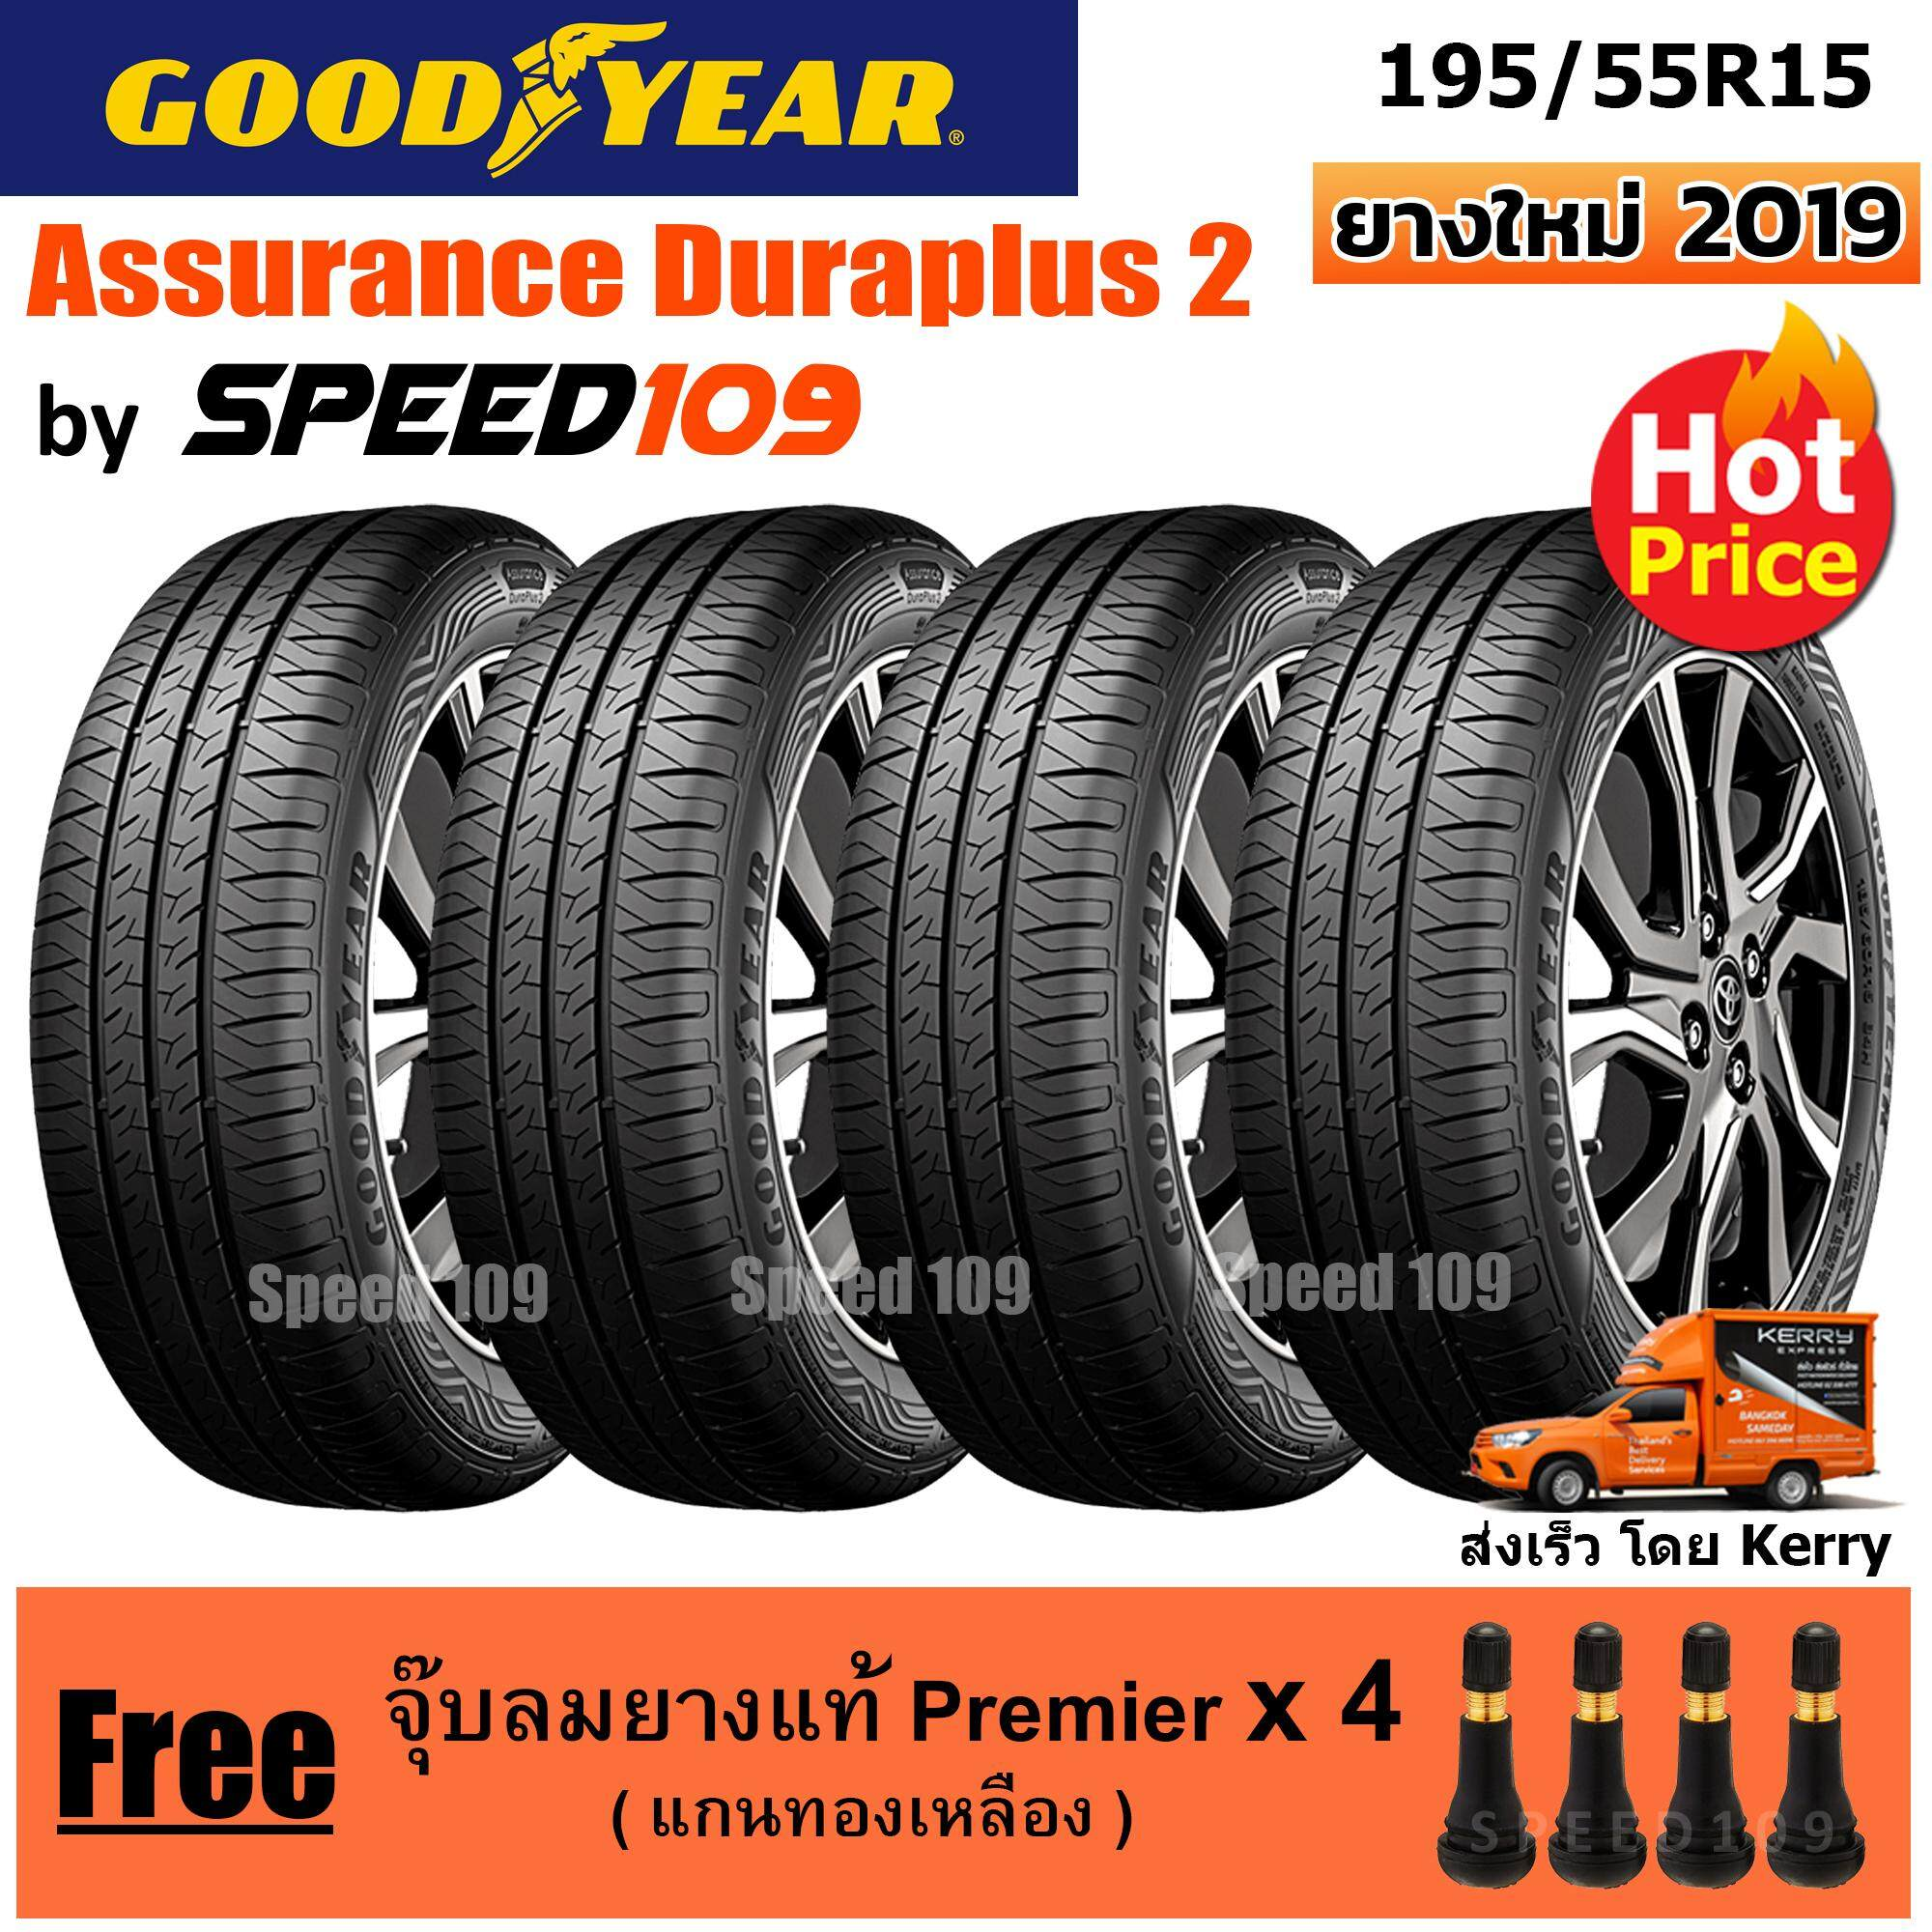 ประกันภัย รถยนต์ 2+ ภูเก็ต GOODYEAR  ยางรถยนต์ ขอบ 15 ขนาด 195/55R15 รุ่น Assurance Duraplus 2 - 4 เส้น (ปี 2019)